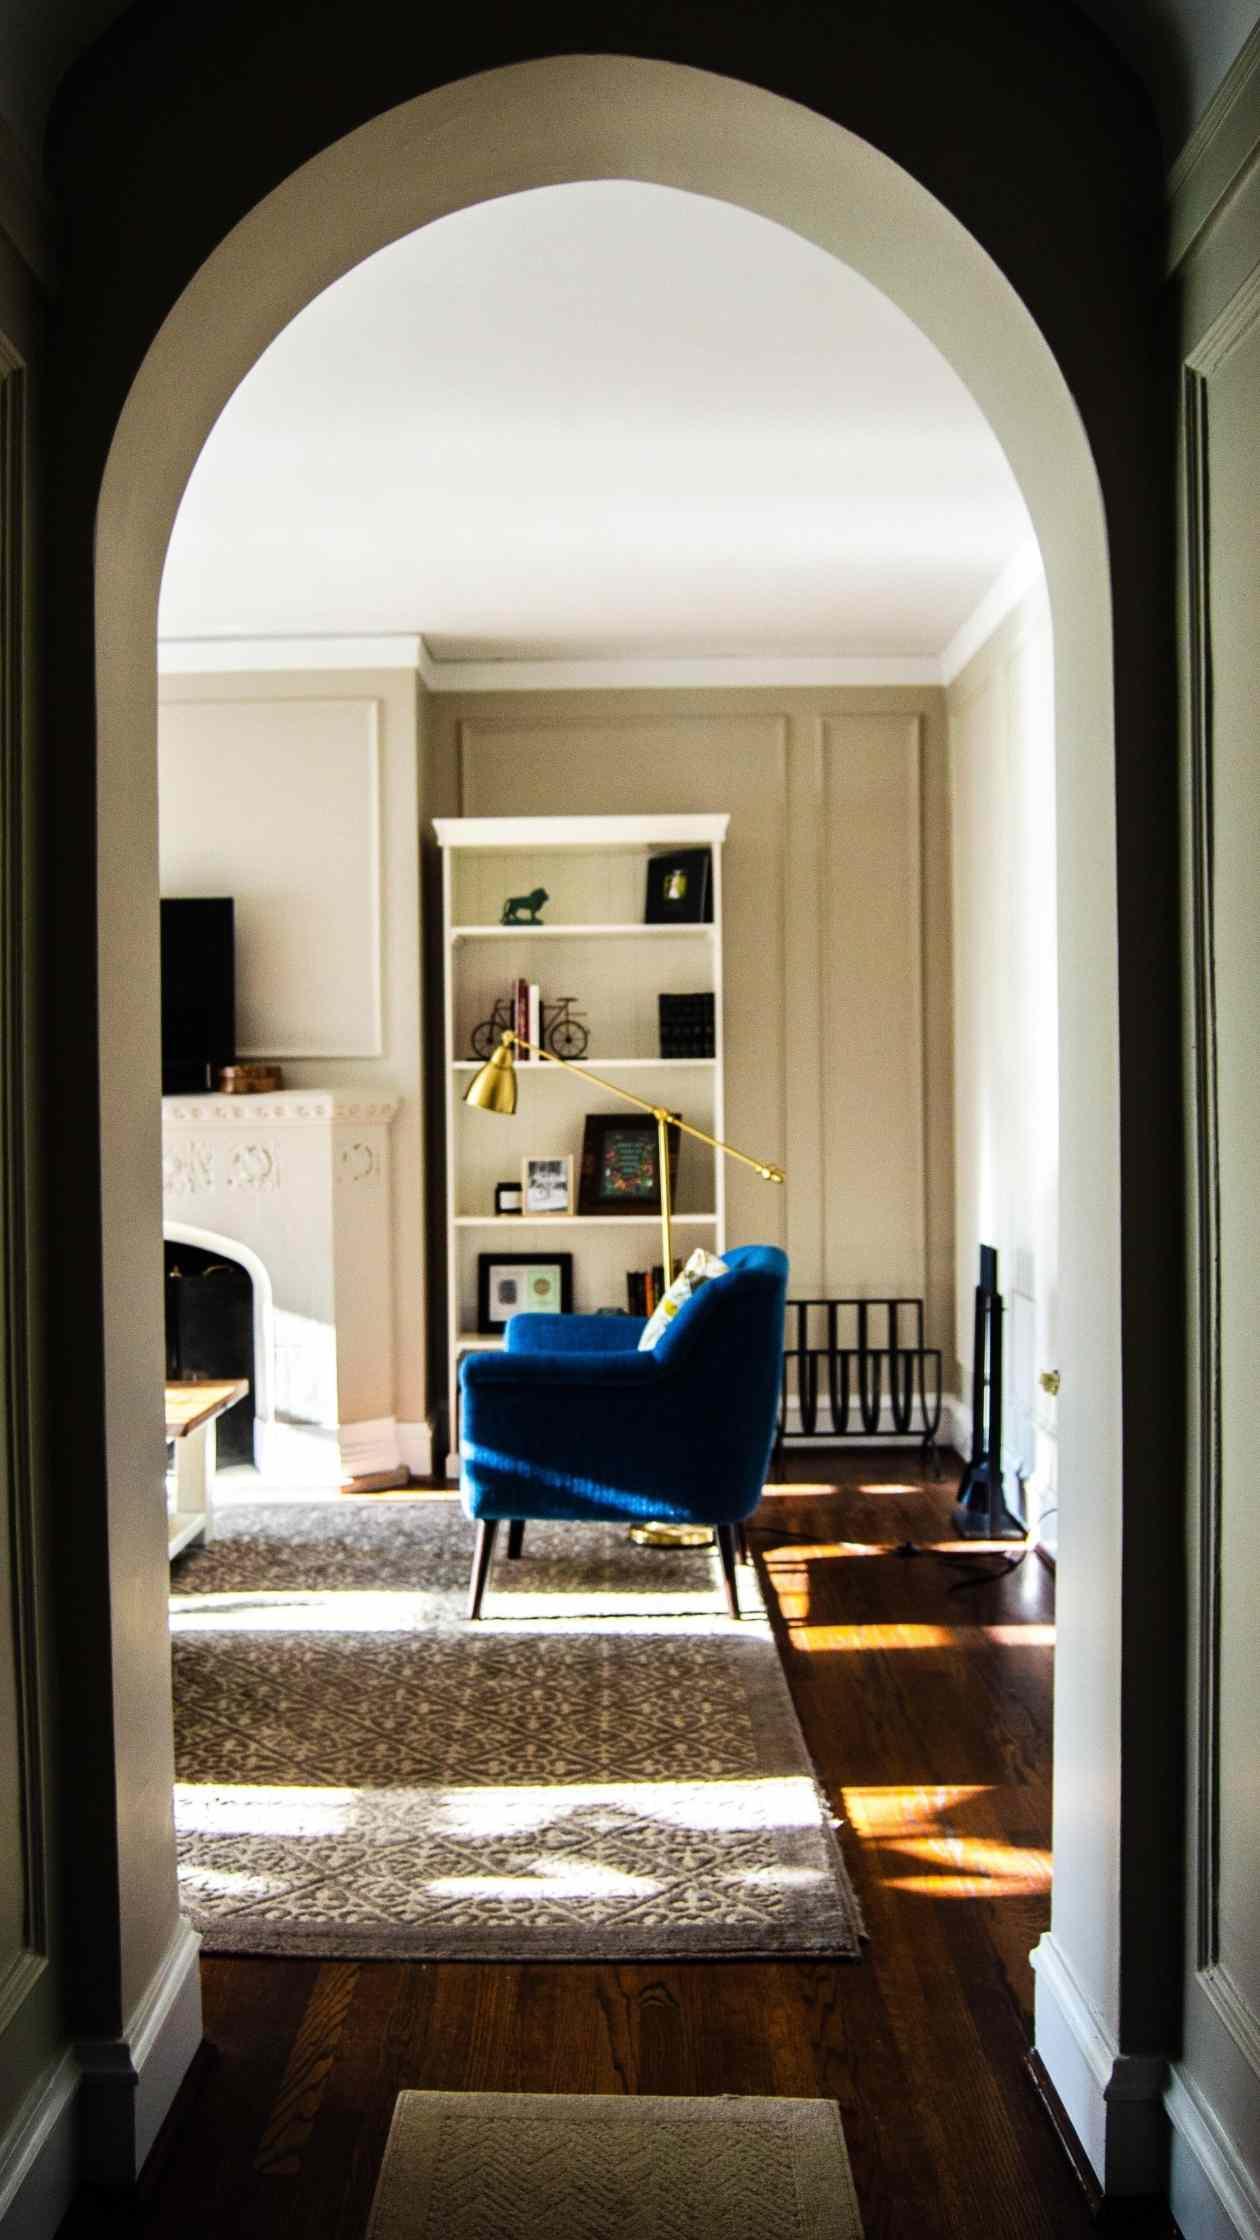 A hallway in a flat